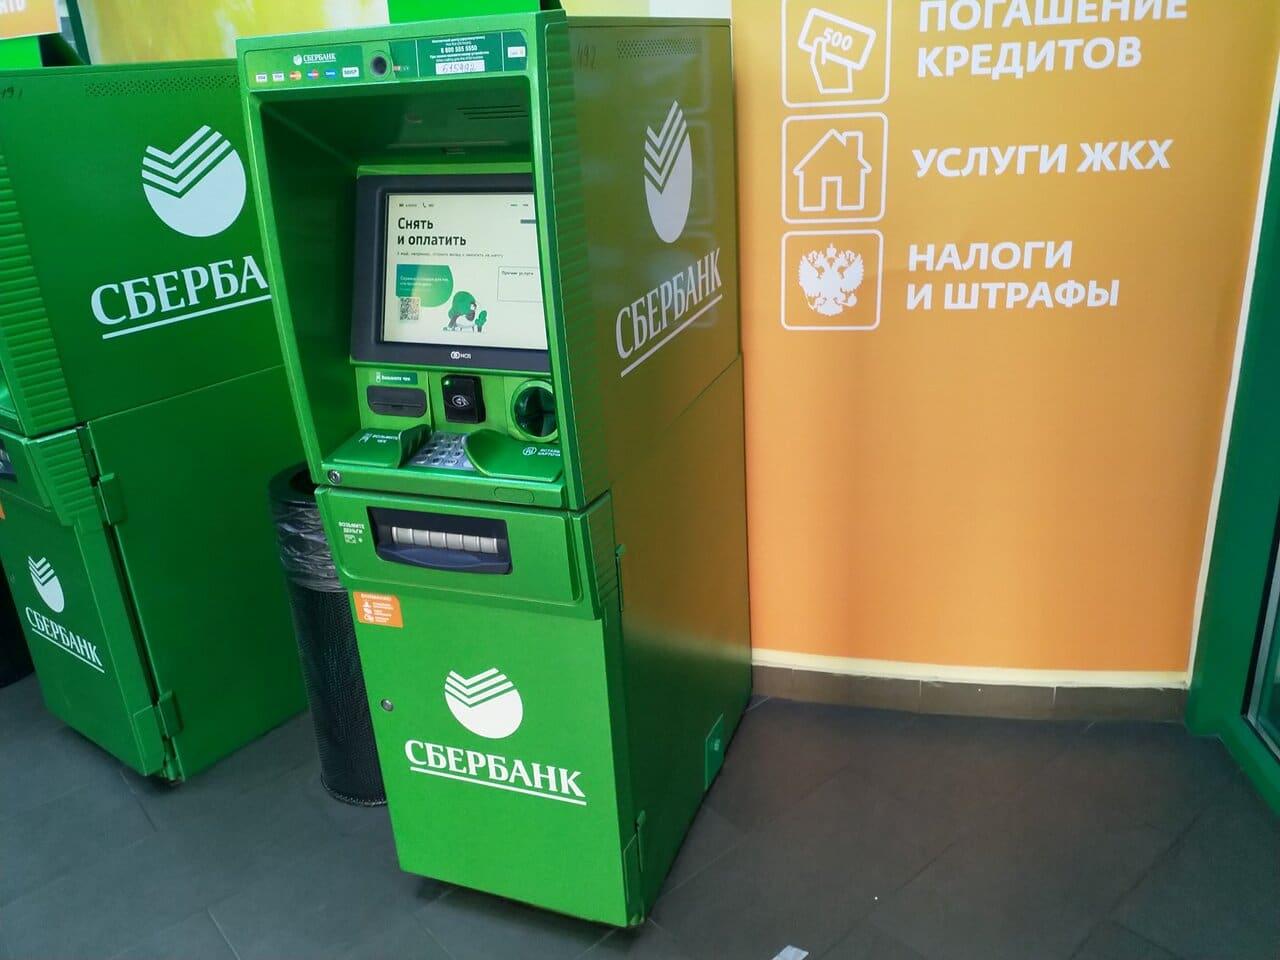 Банкоматы Сбербанка в Балашихе